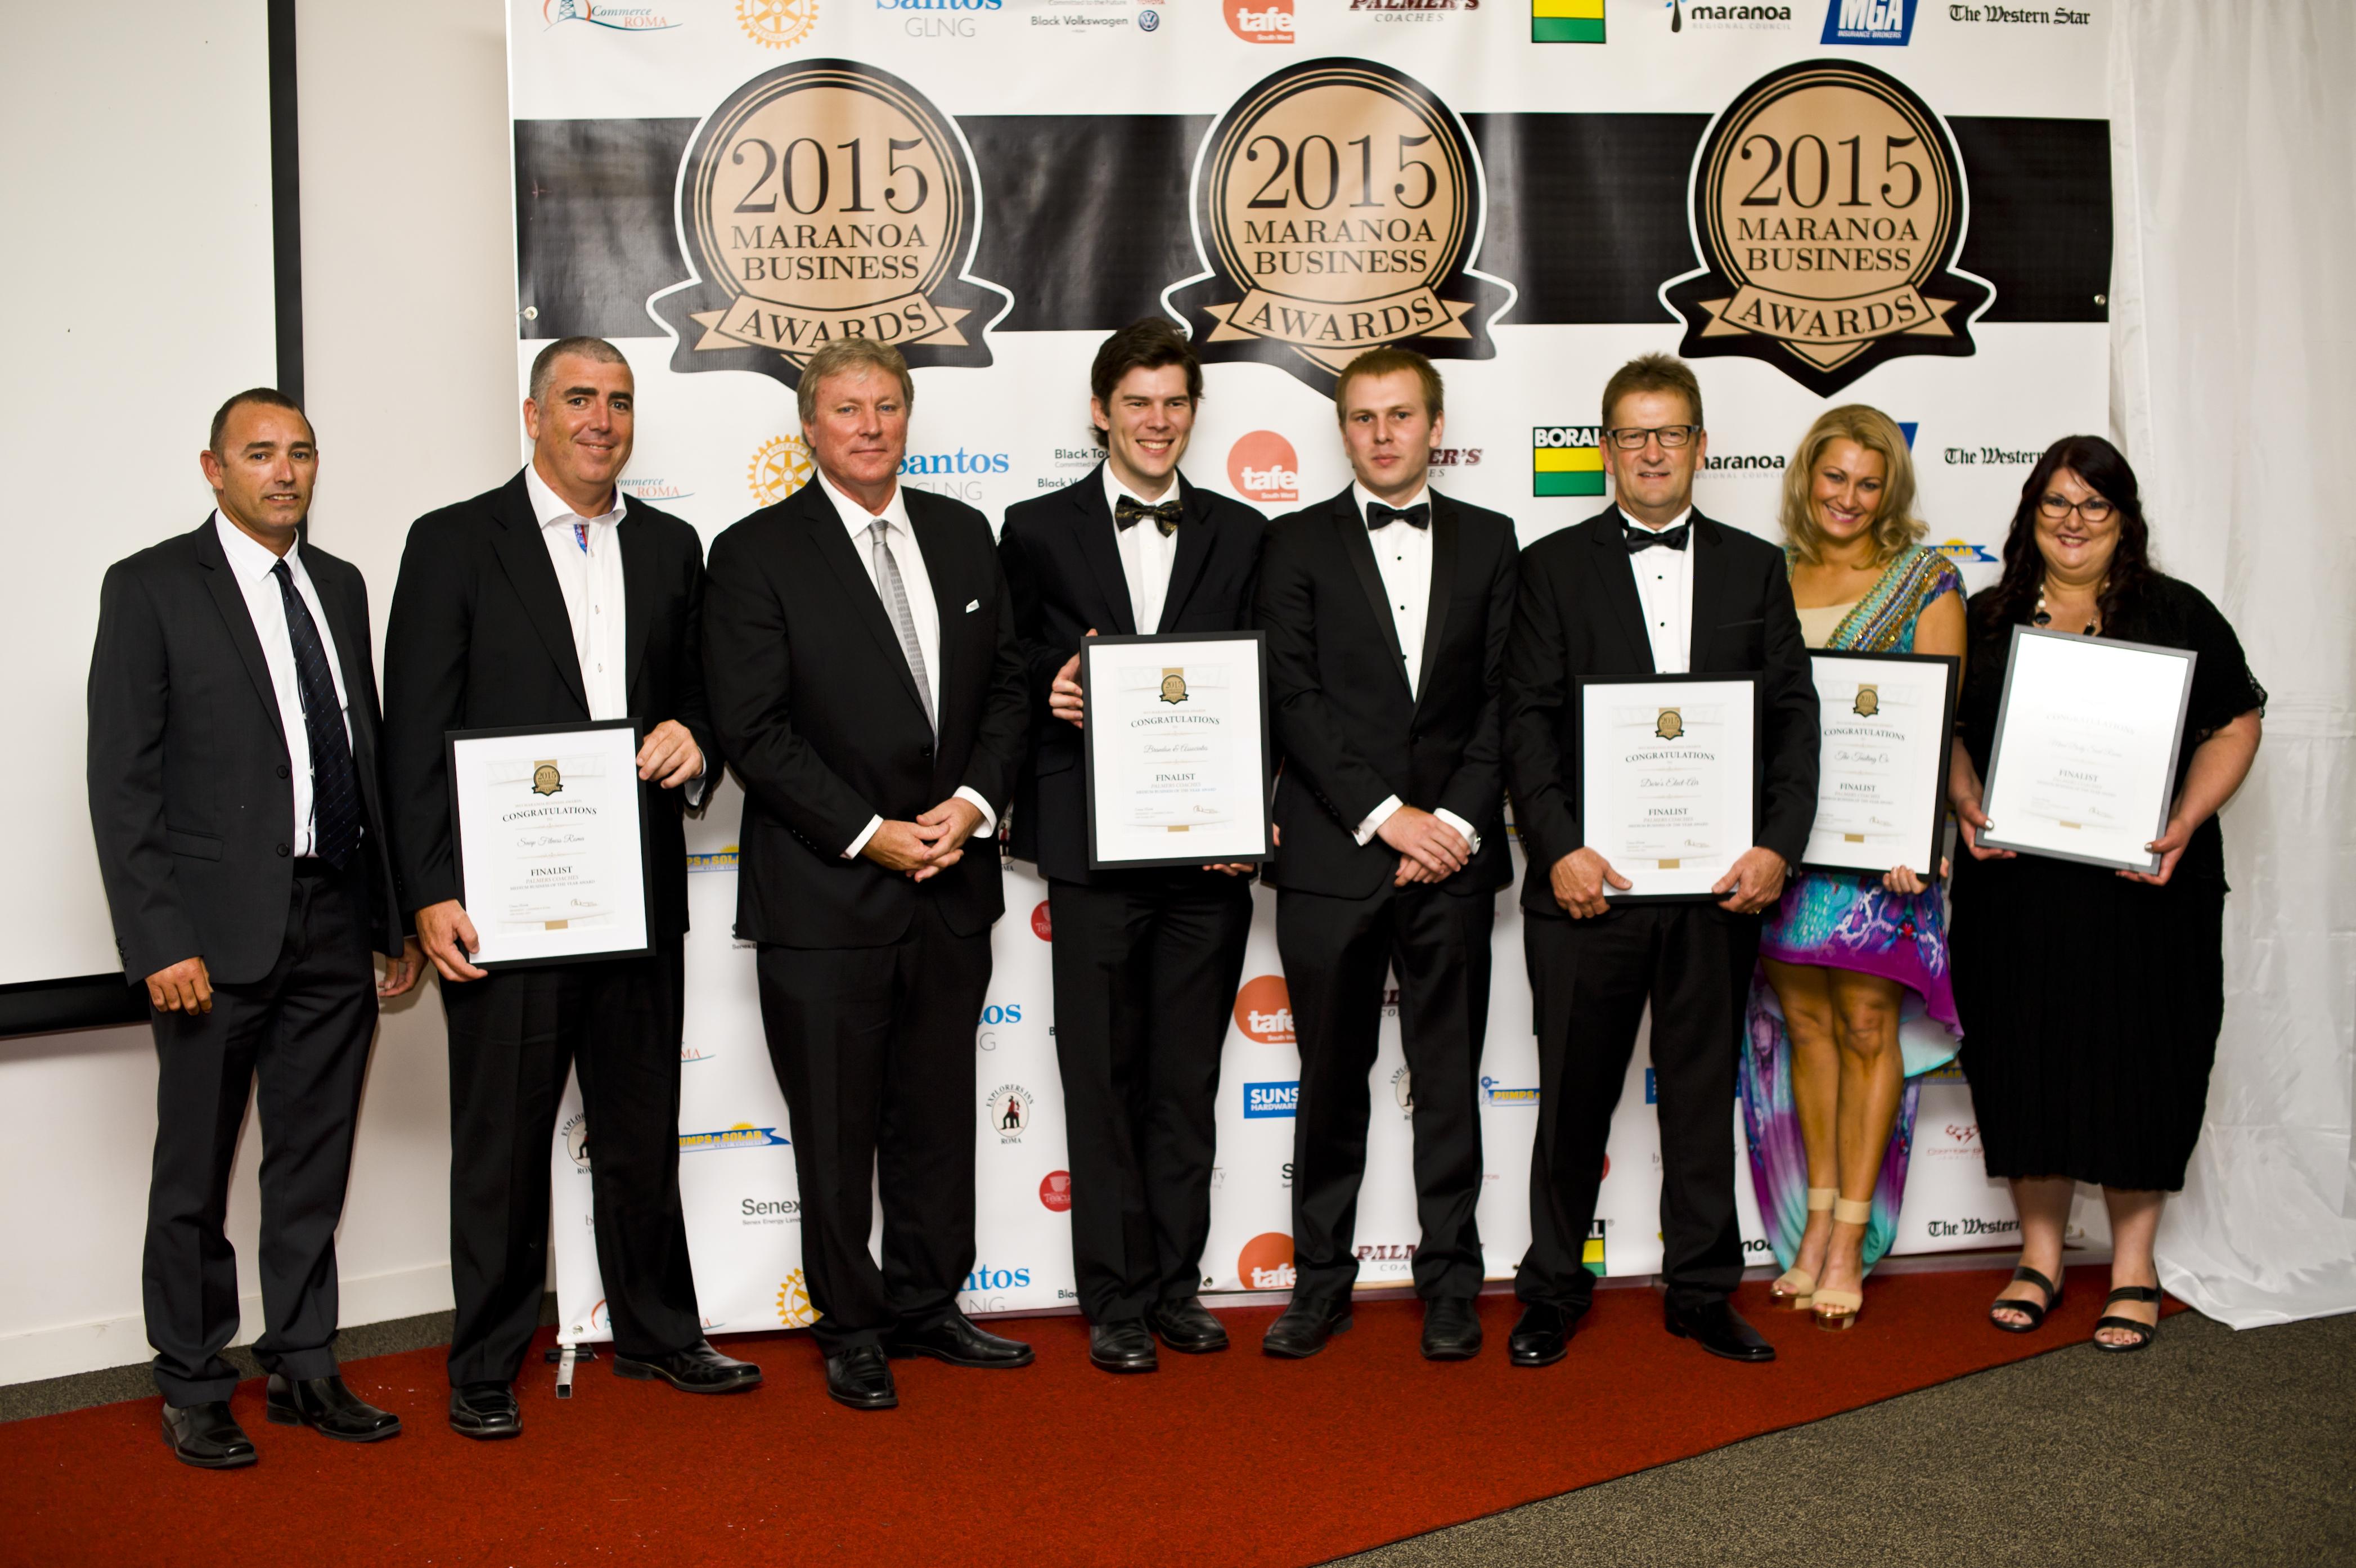 044_Maranoa Bus Awards